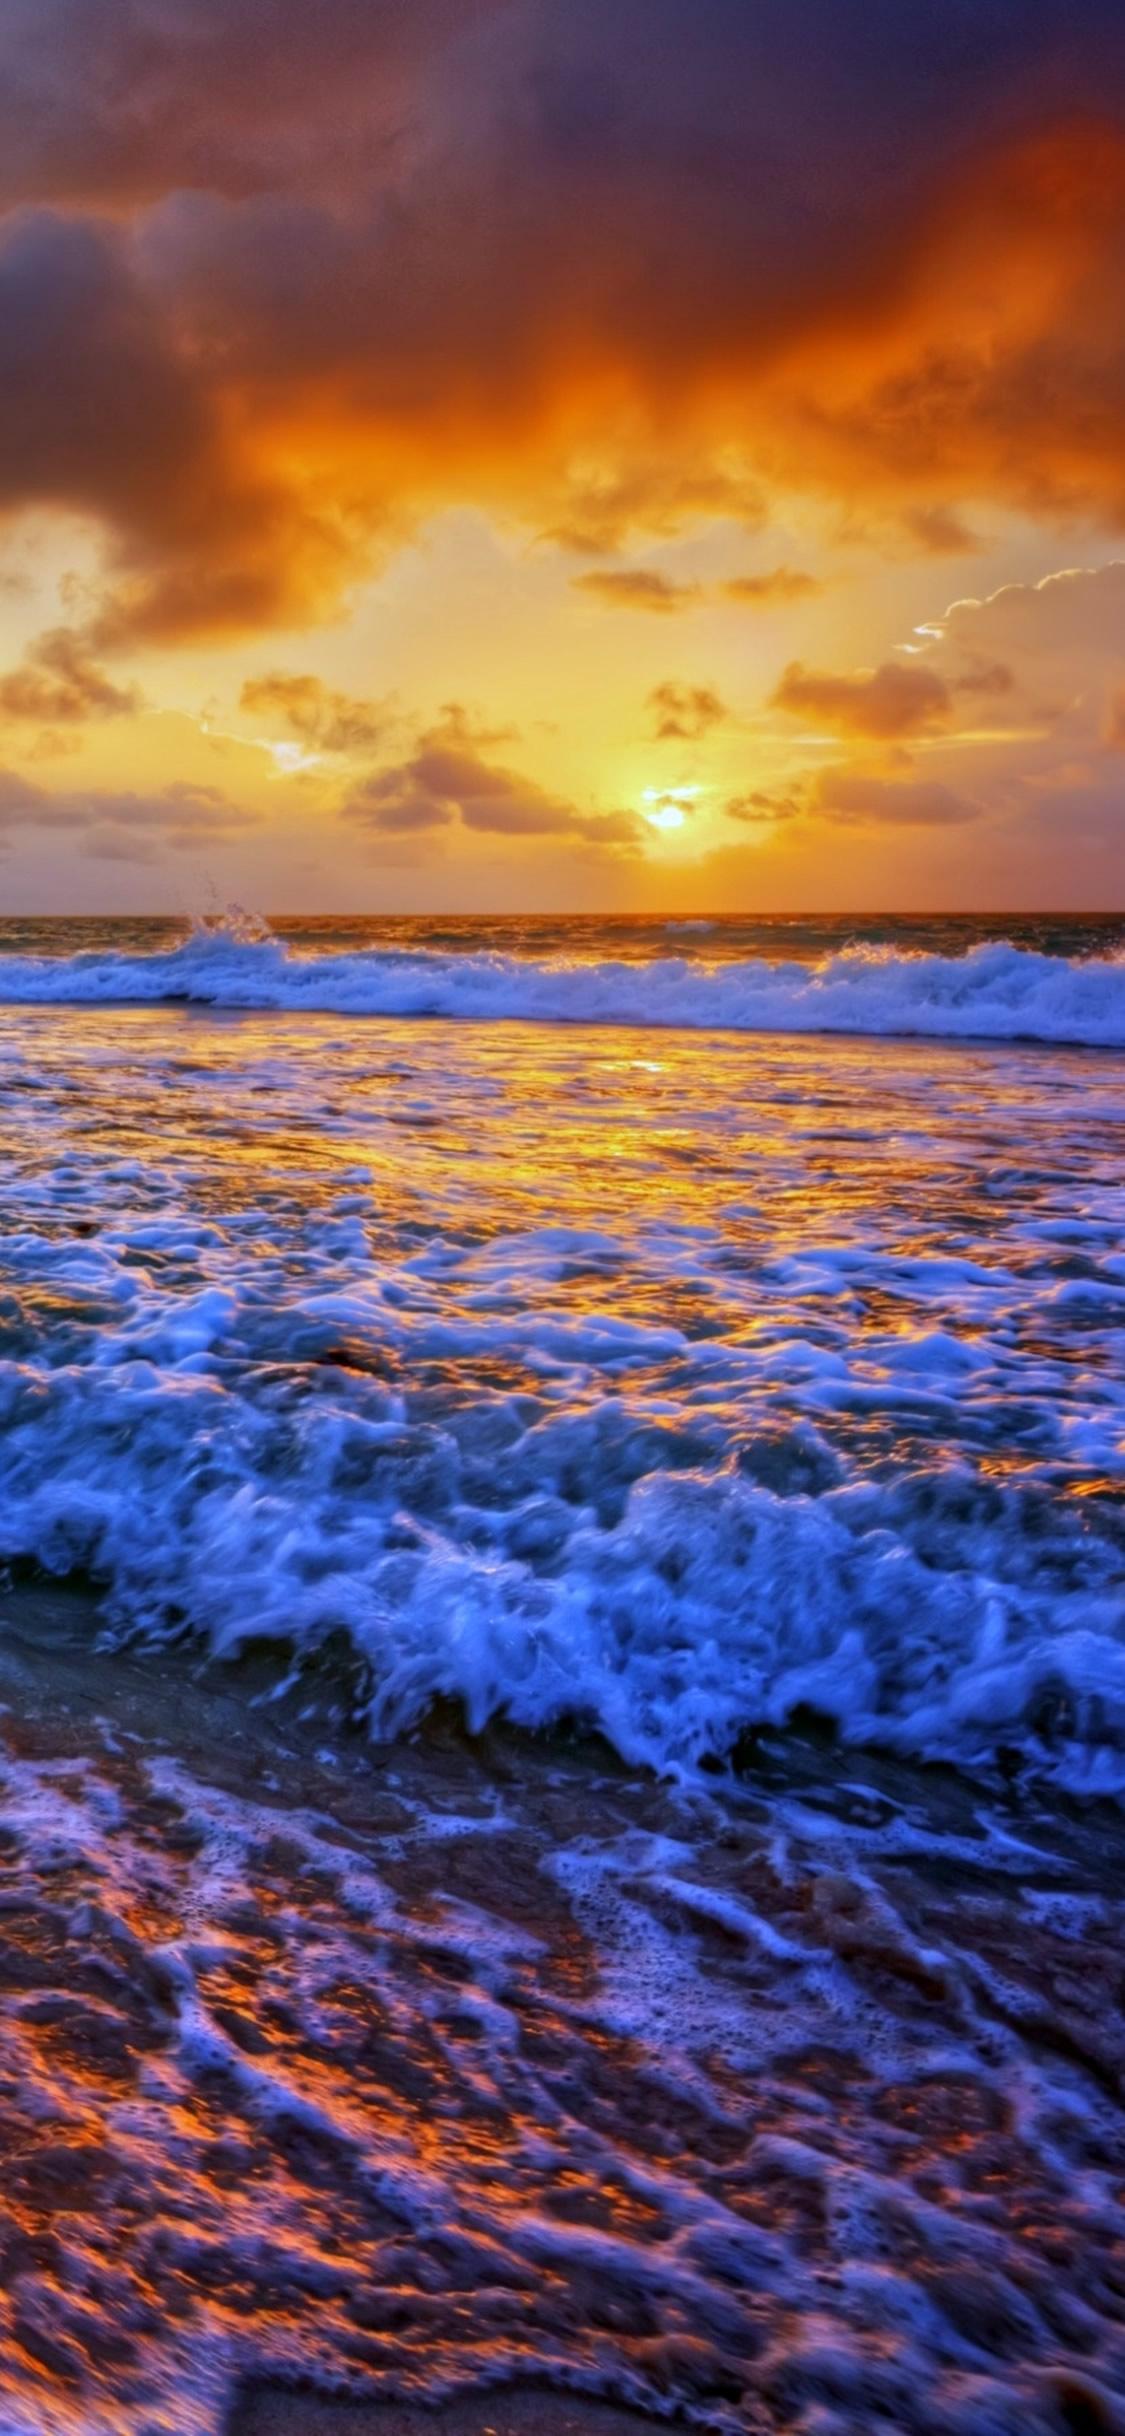 サンセットビーチのiphone X Samsung壁紙 自然 Iphoneチーズ